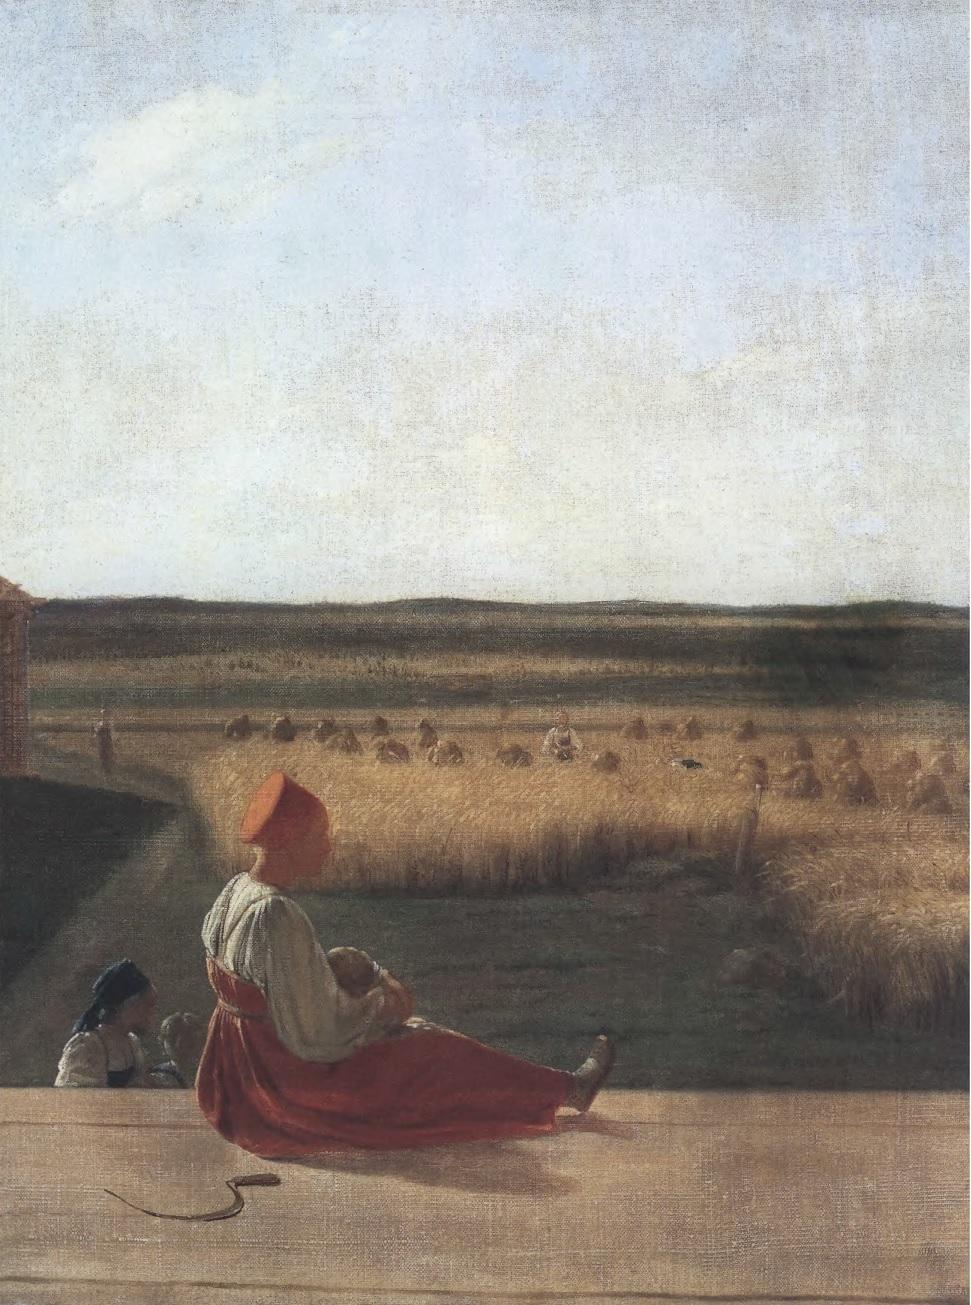 АЛЕКСЕЙ ВЕНЕЦИАНОВ. На жатве. Лето. Середина 1820-х. Холст, масло. 60 х 48,3 см. Государственная Третьяковская галерея